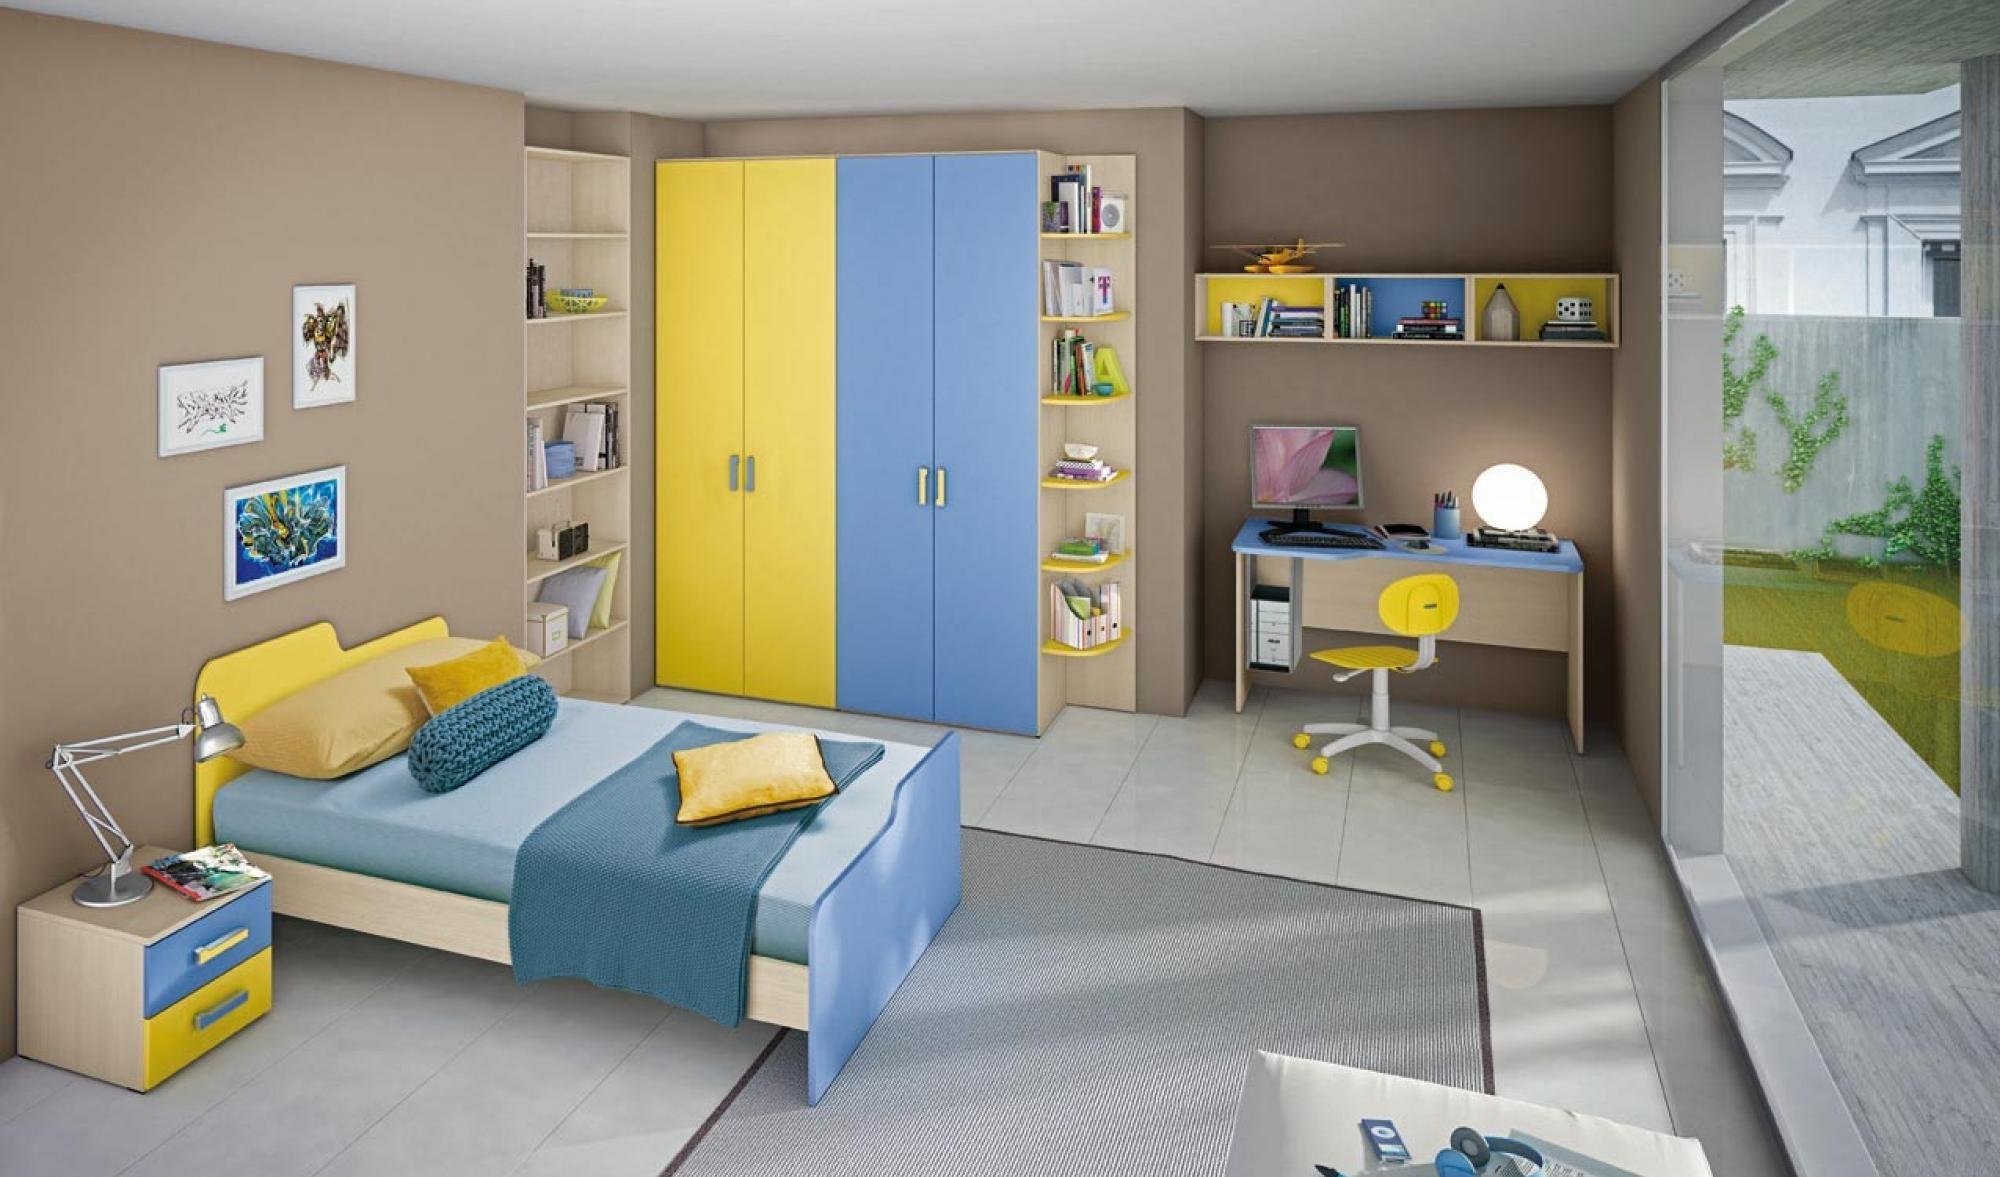 Camere per bambini, Colombini Casa | Camerette per bambini ...